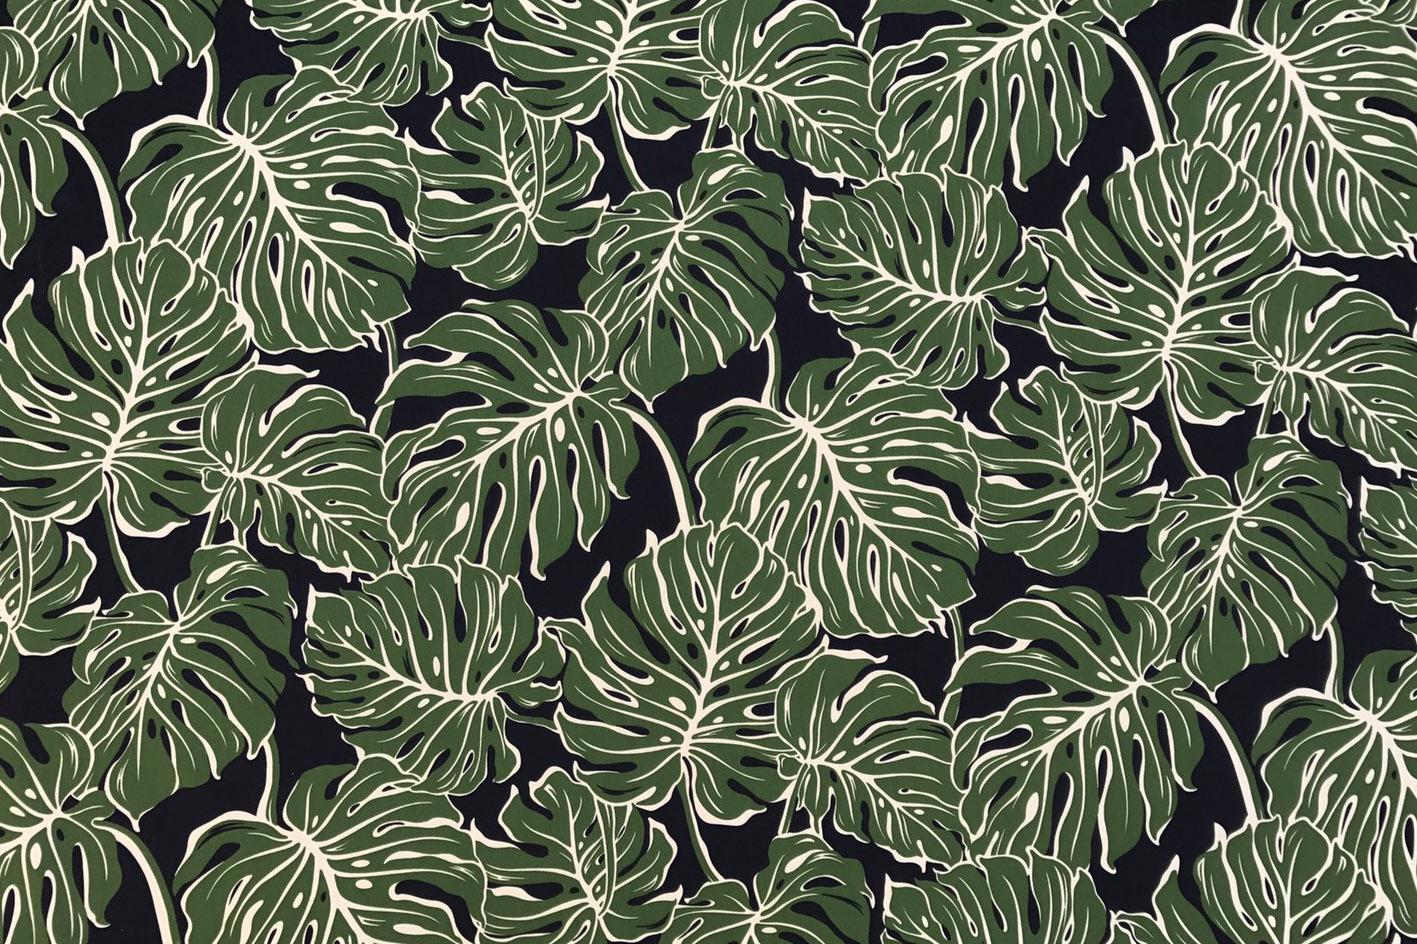 モンステラジャングルグリーンブラック